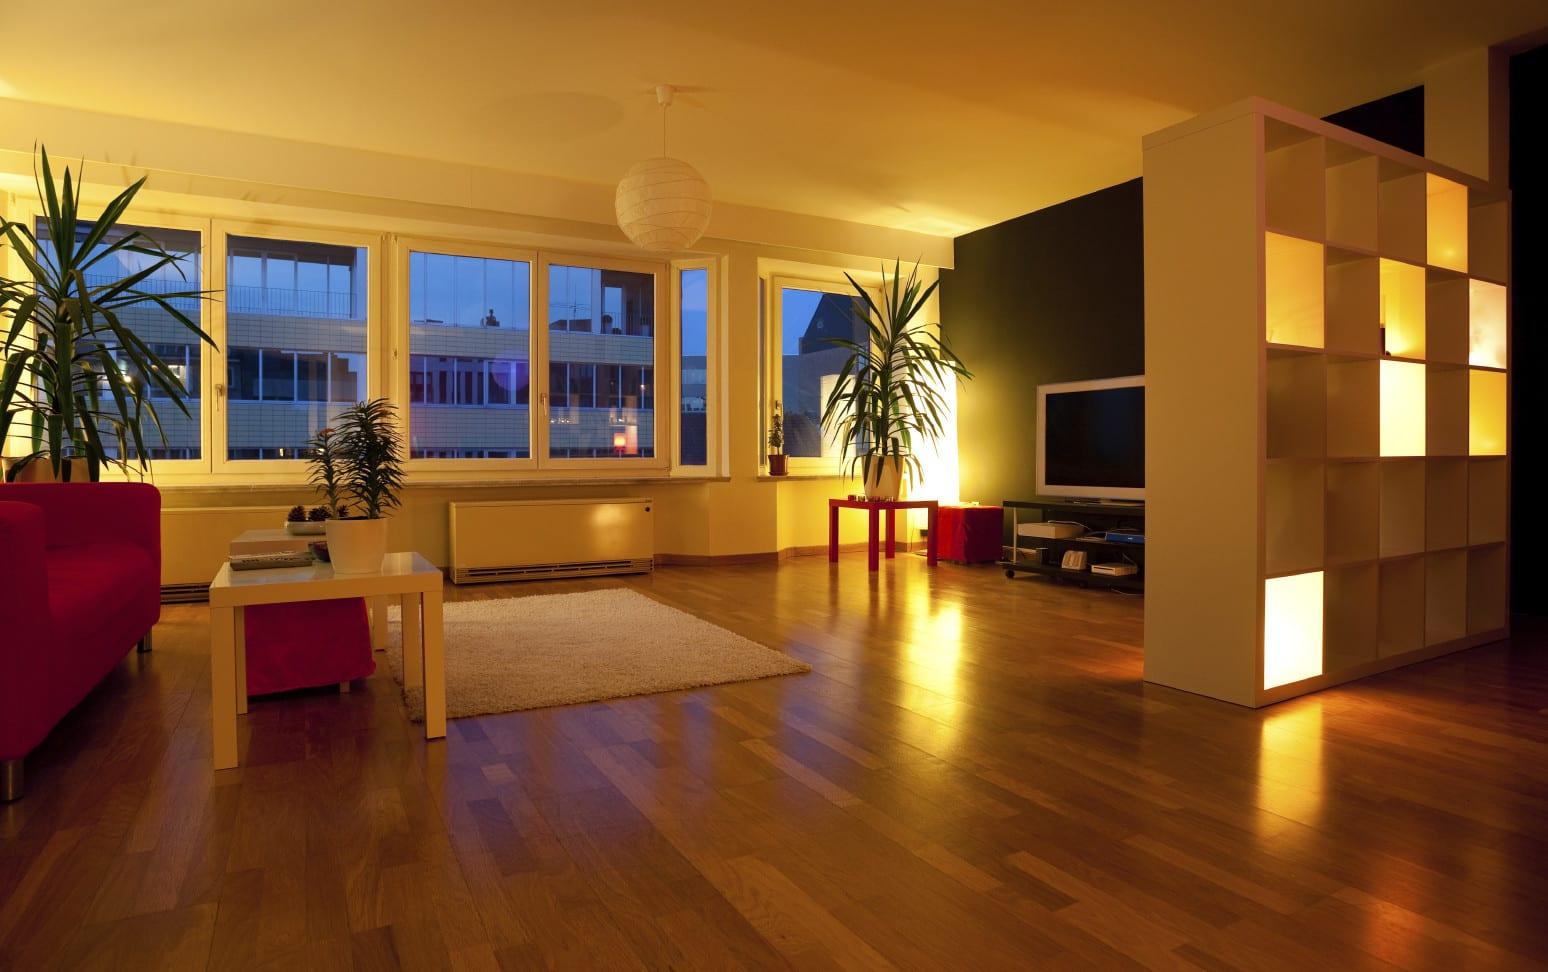 Licht Im Wohnzimmer neue beleuchtungsideen für ihr wohnzimmer freshouse